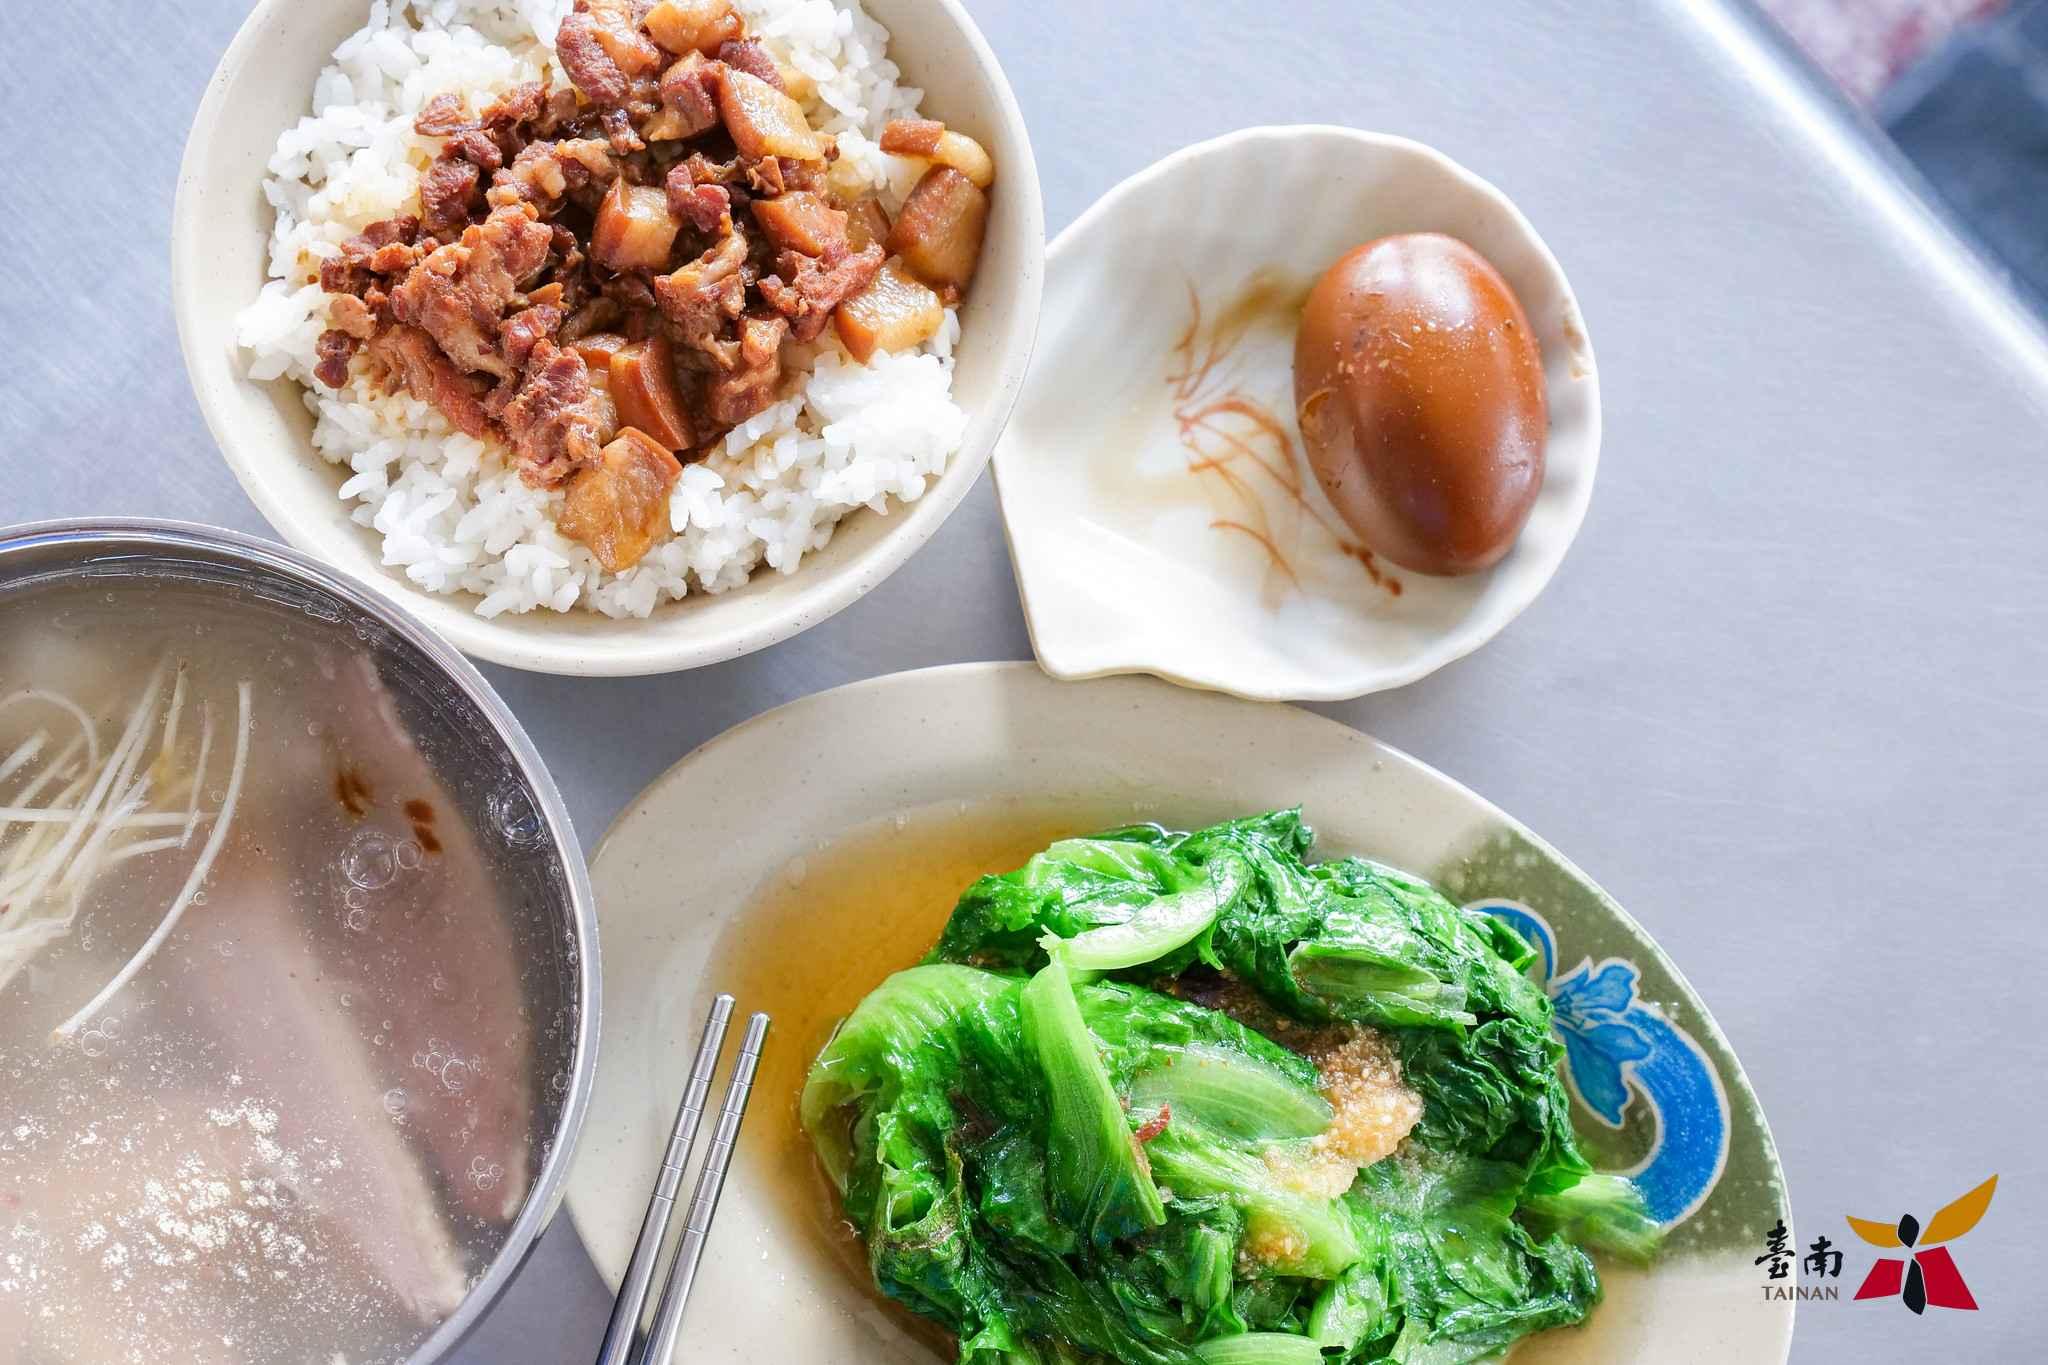 台南肉燥飯-Mytainan-09